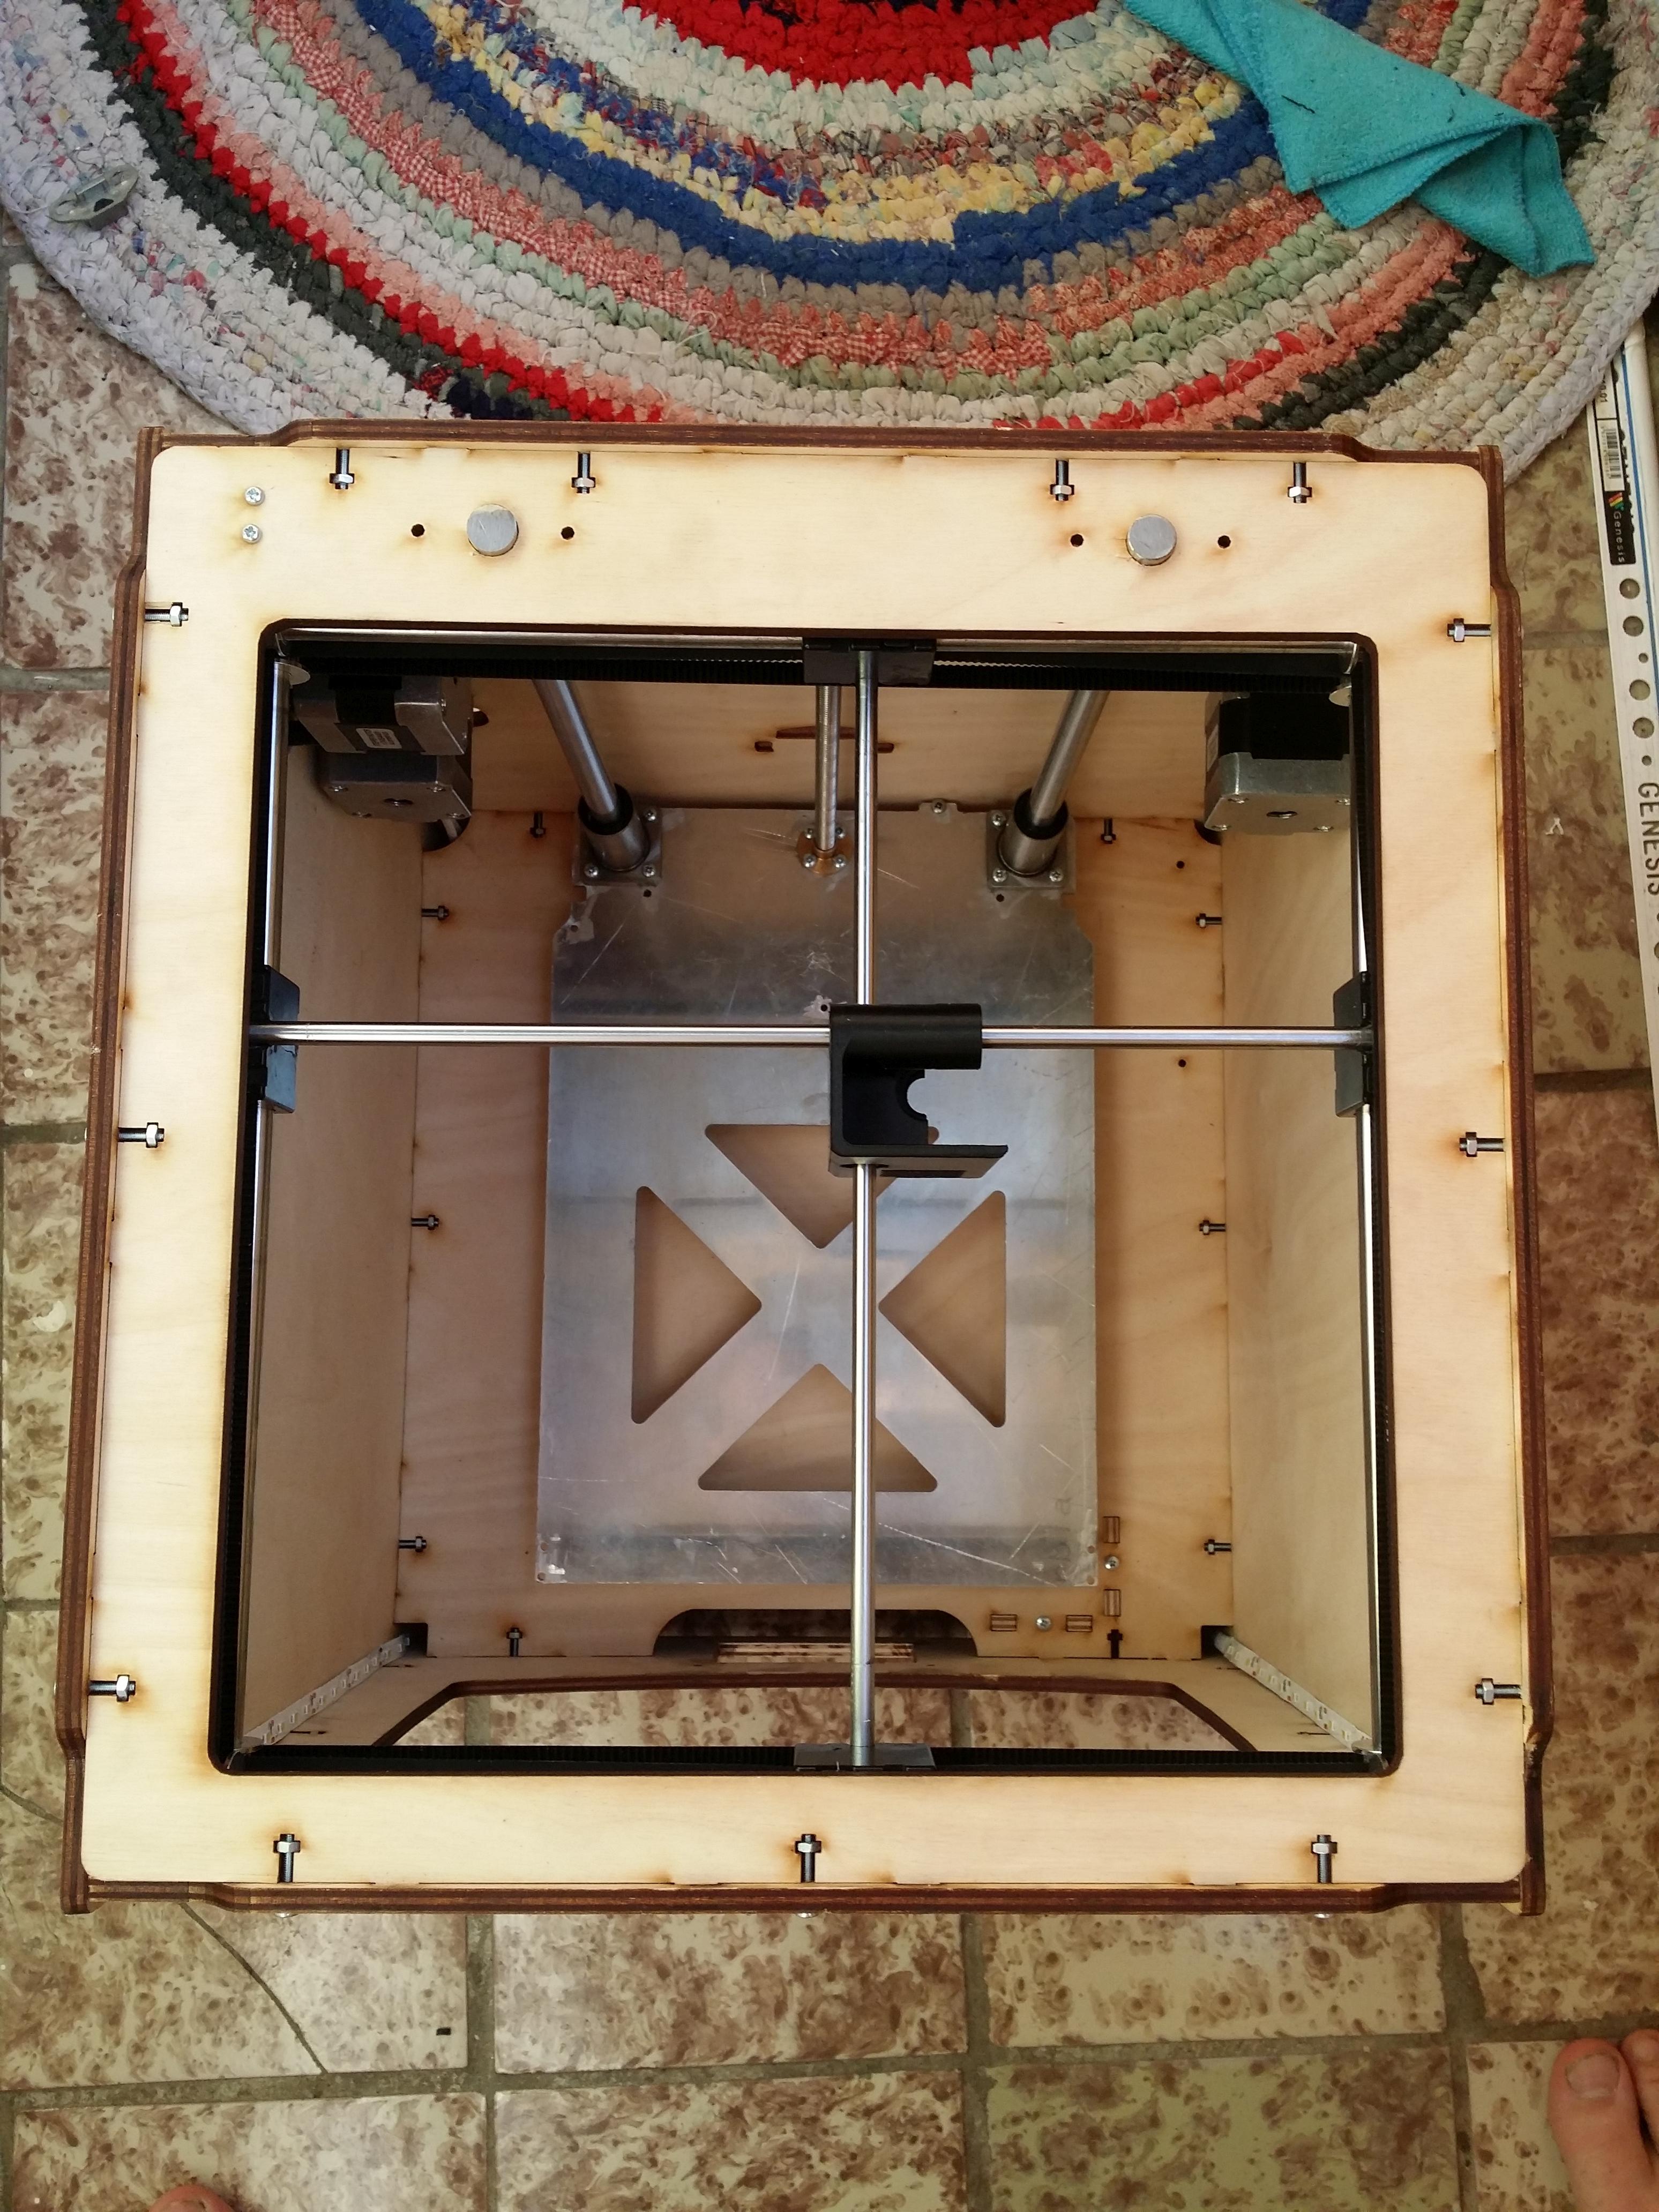 Собираем 3d принтер своими руками пошаговая инструкция часть 2 30